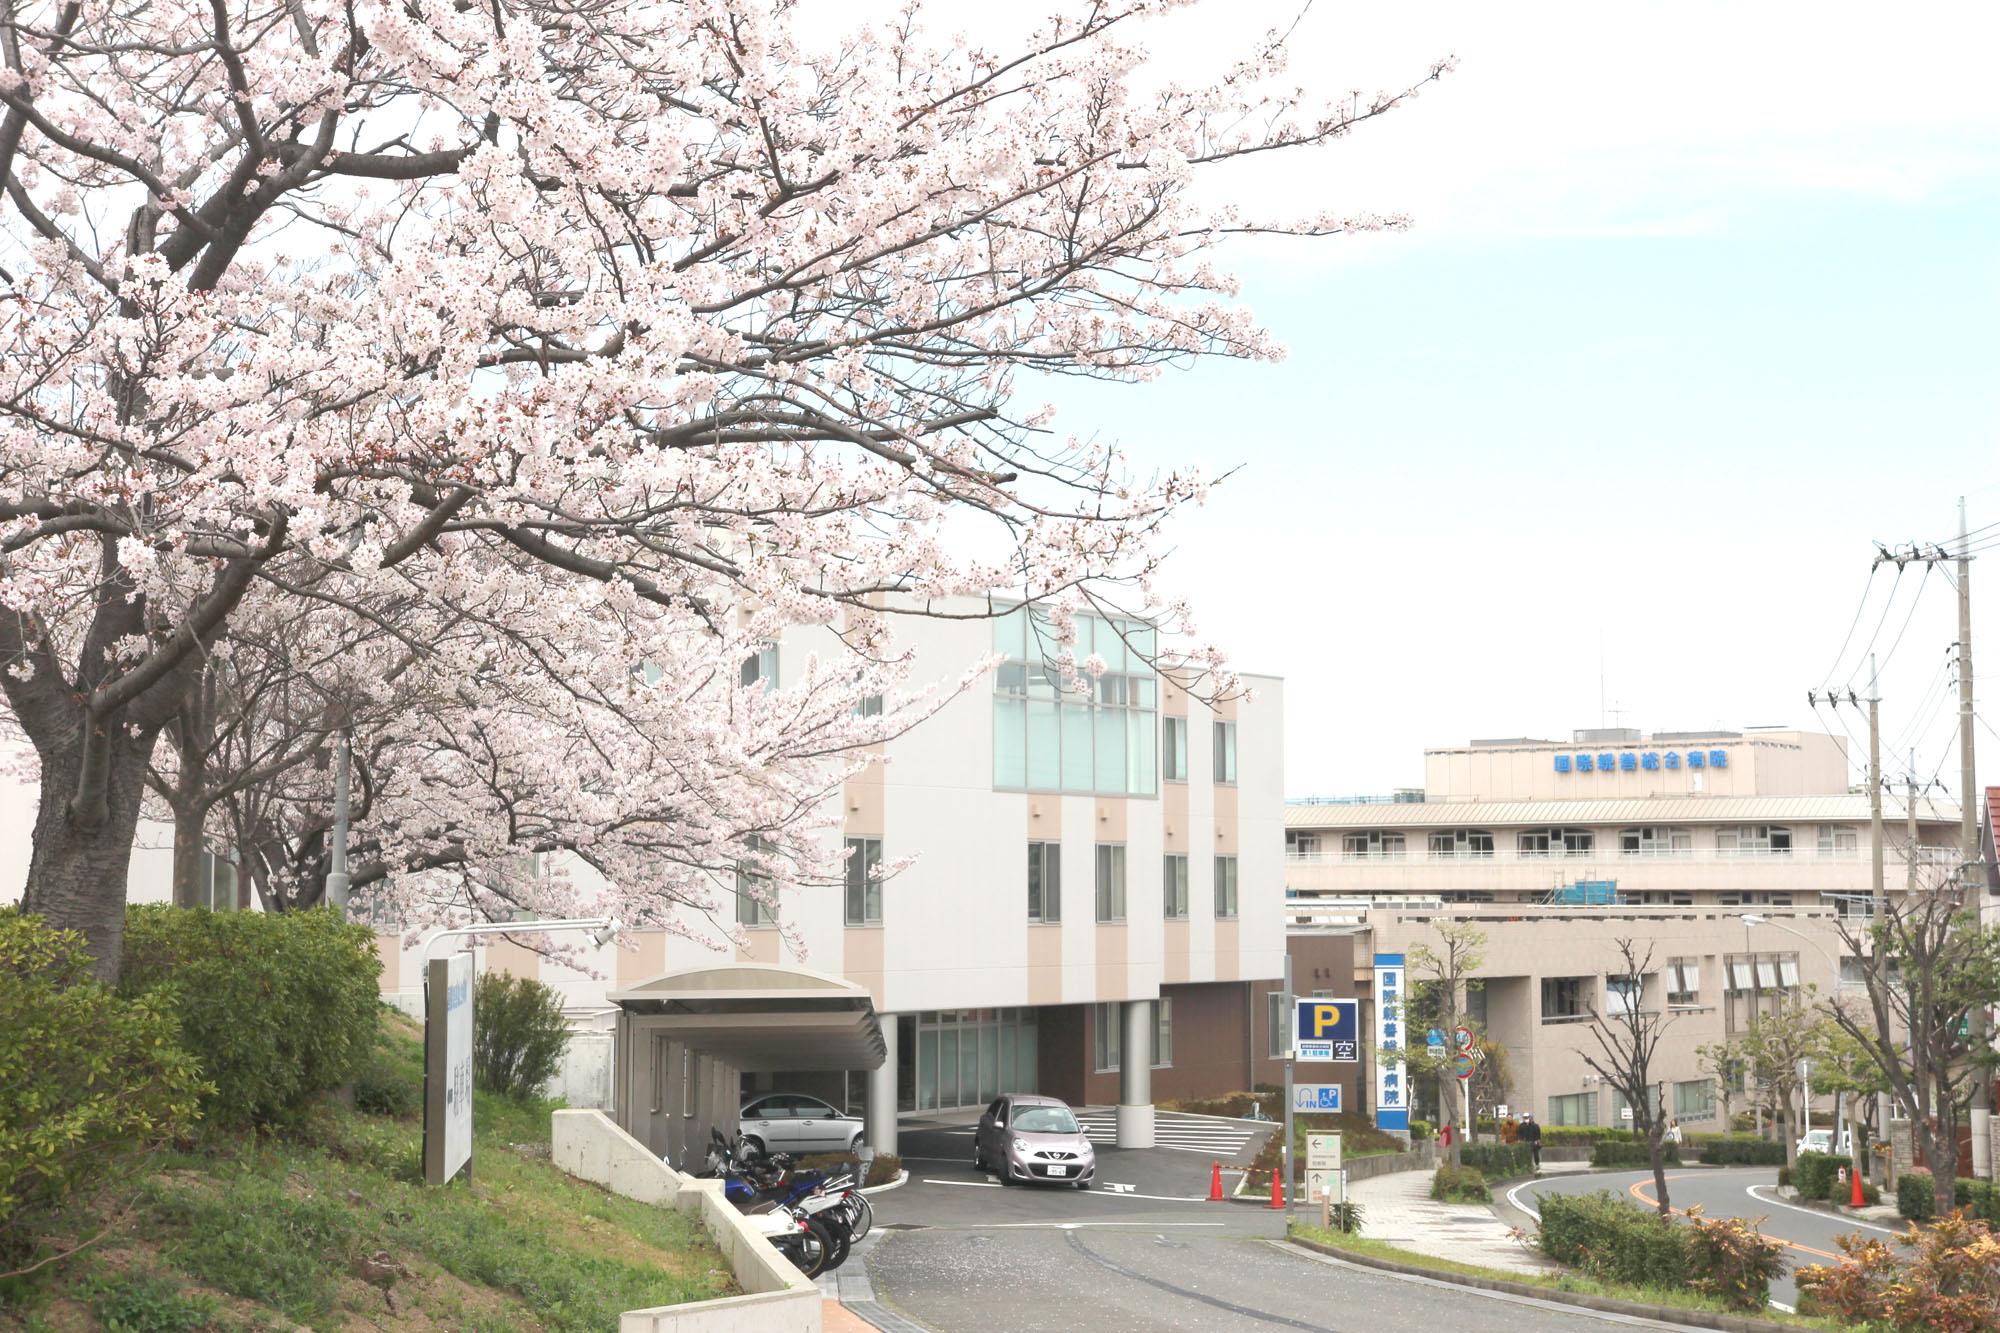 桜の綺麗な春の病院外観。駐車場の桜の下で、花見を行うこともあります。